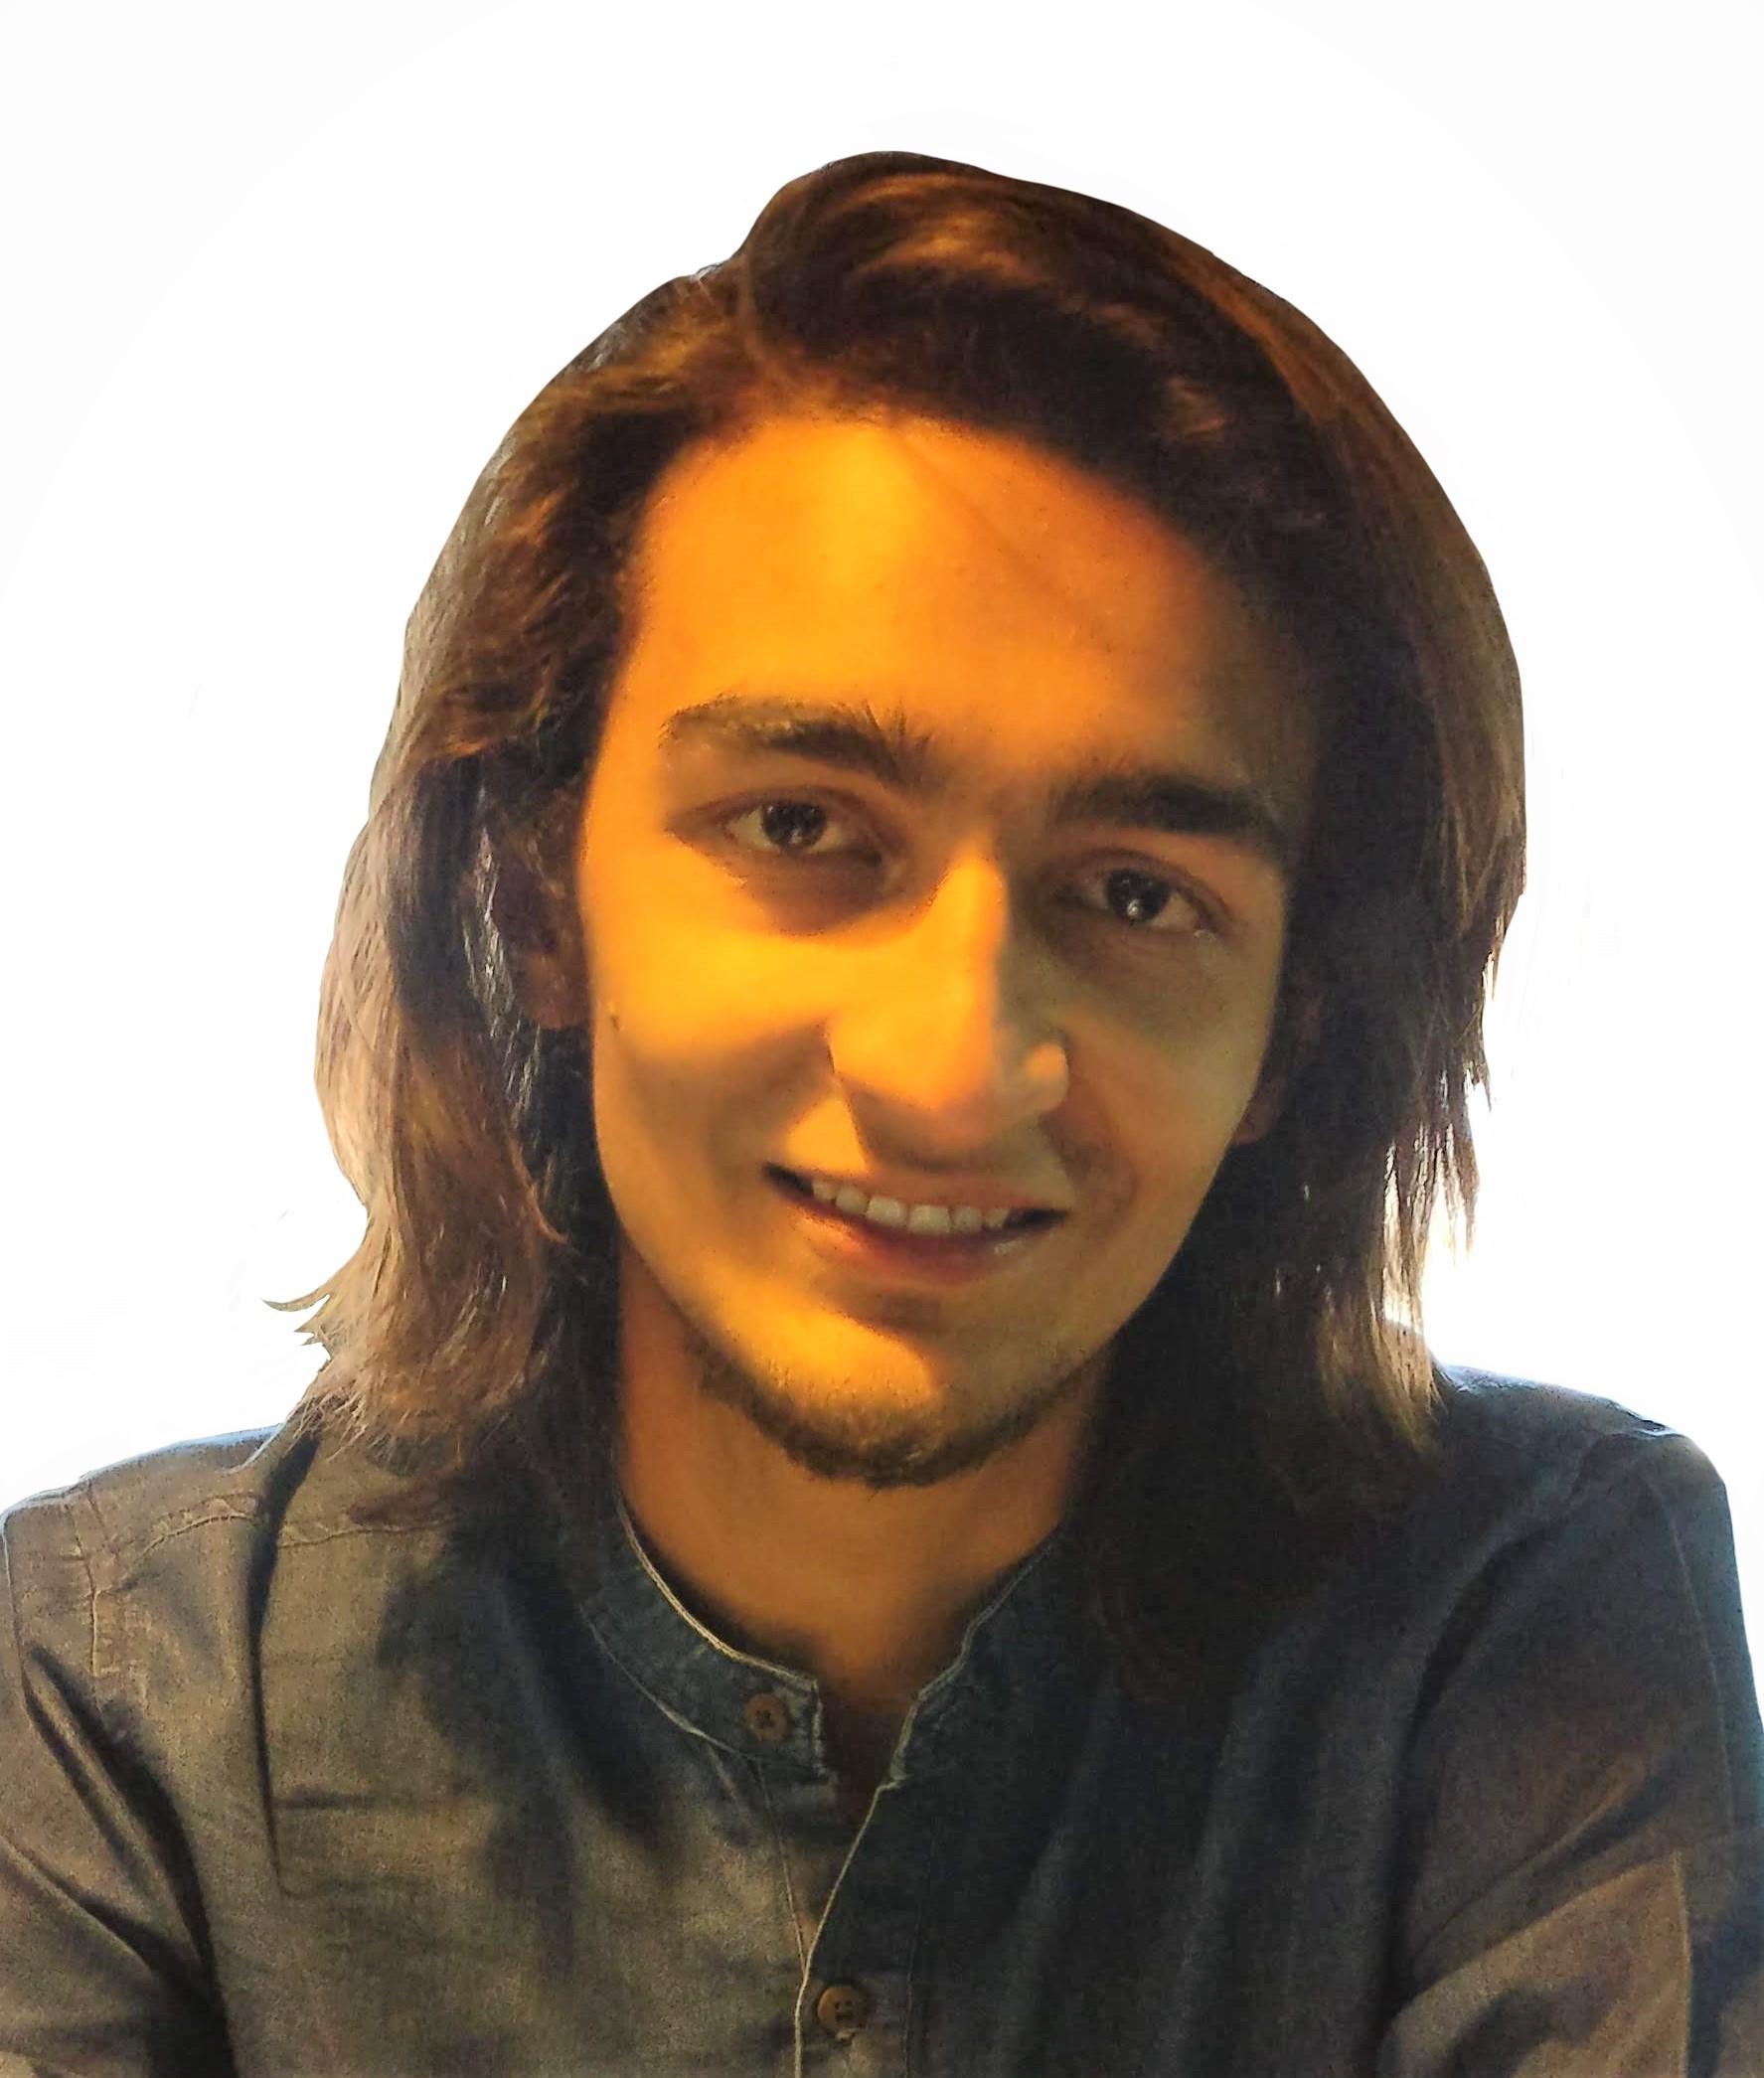 Noumaan Anwer